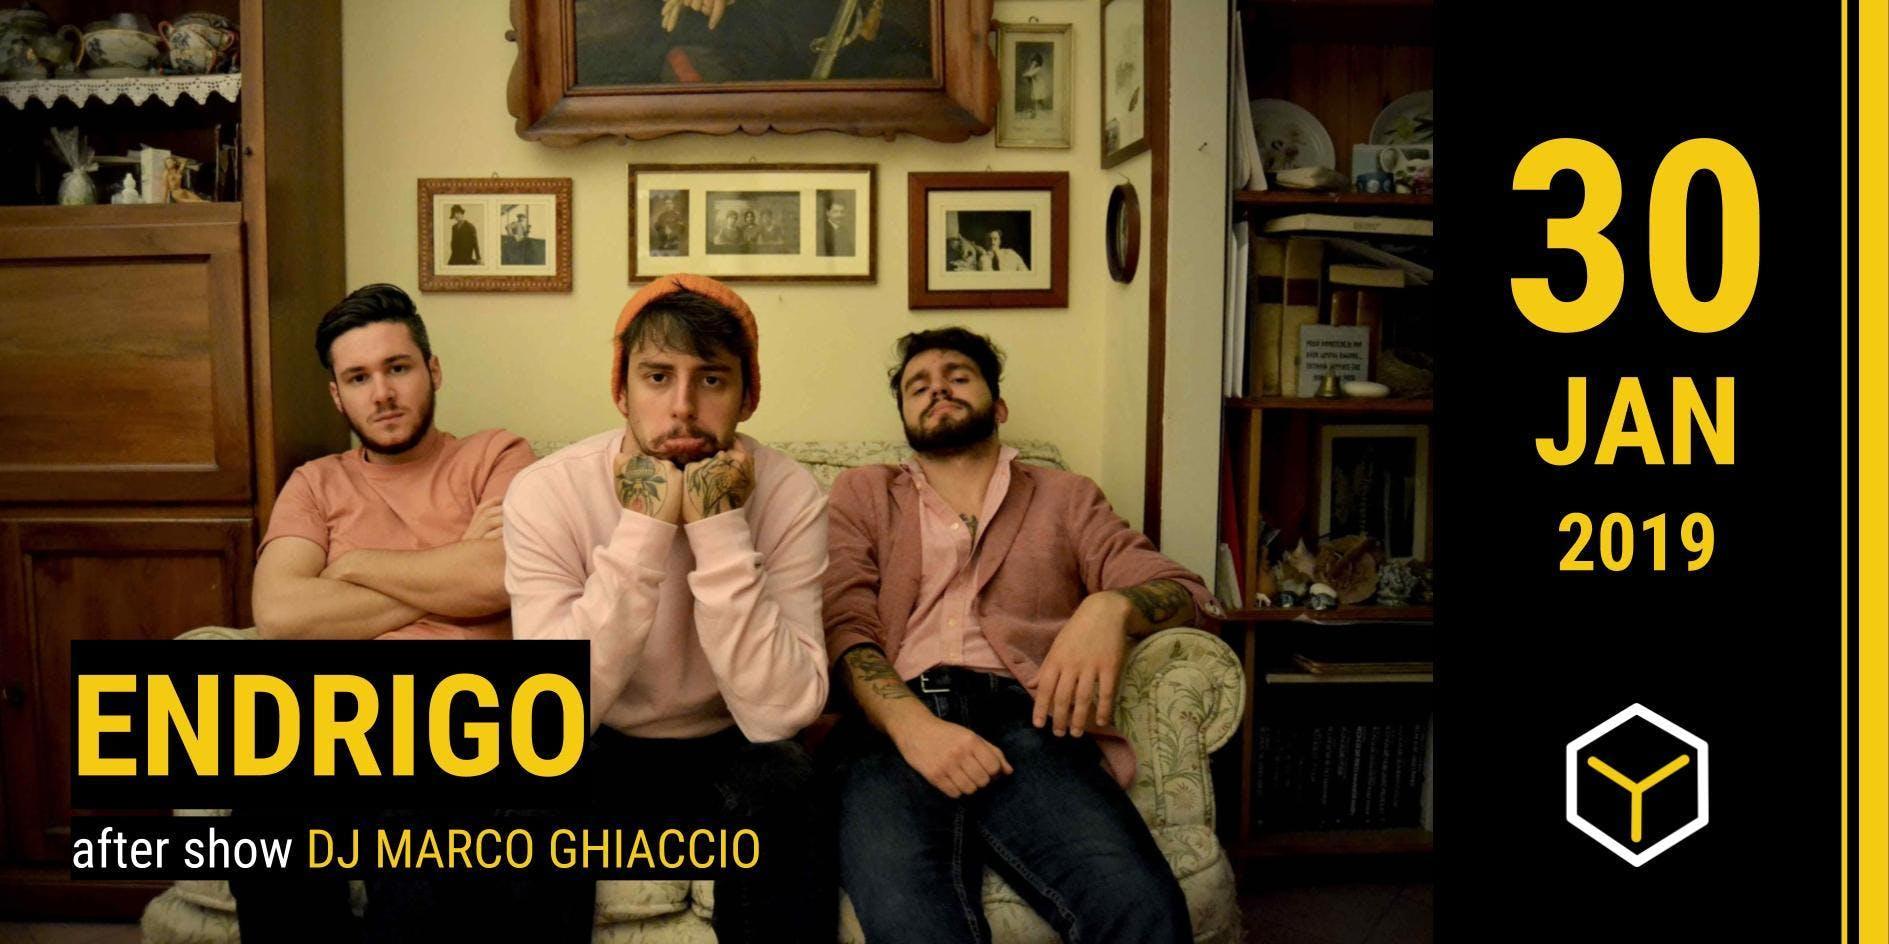 Endrigo - The Yellow Bar